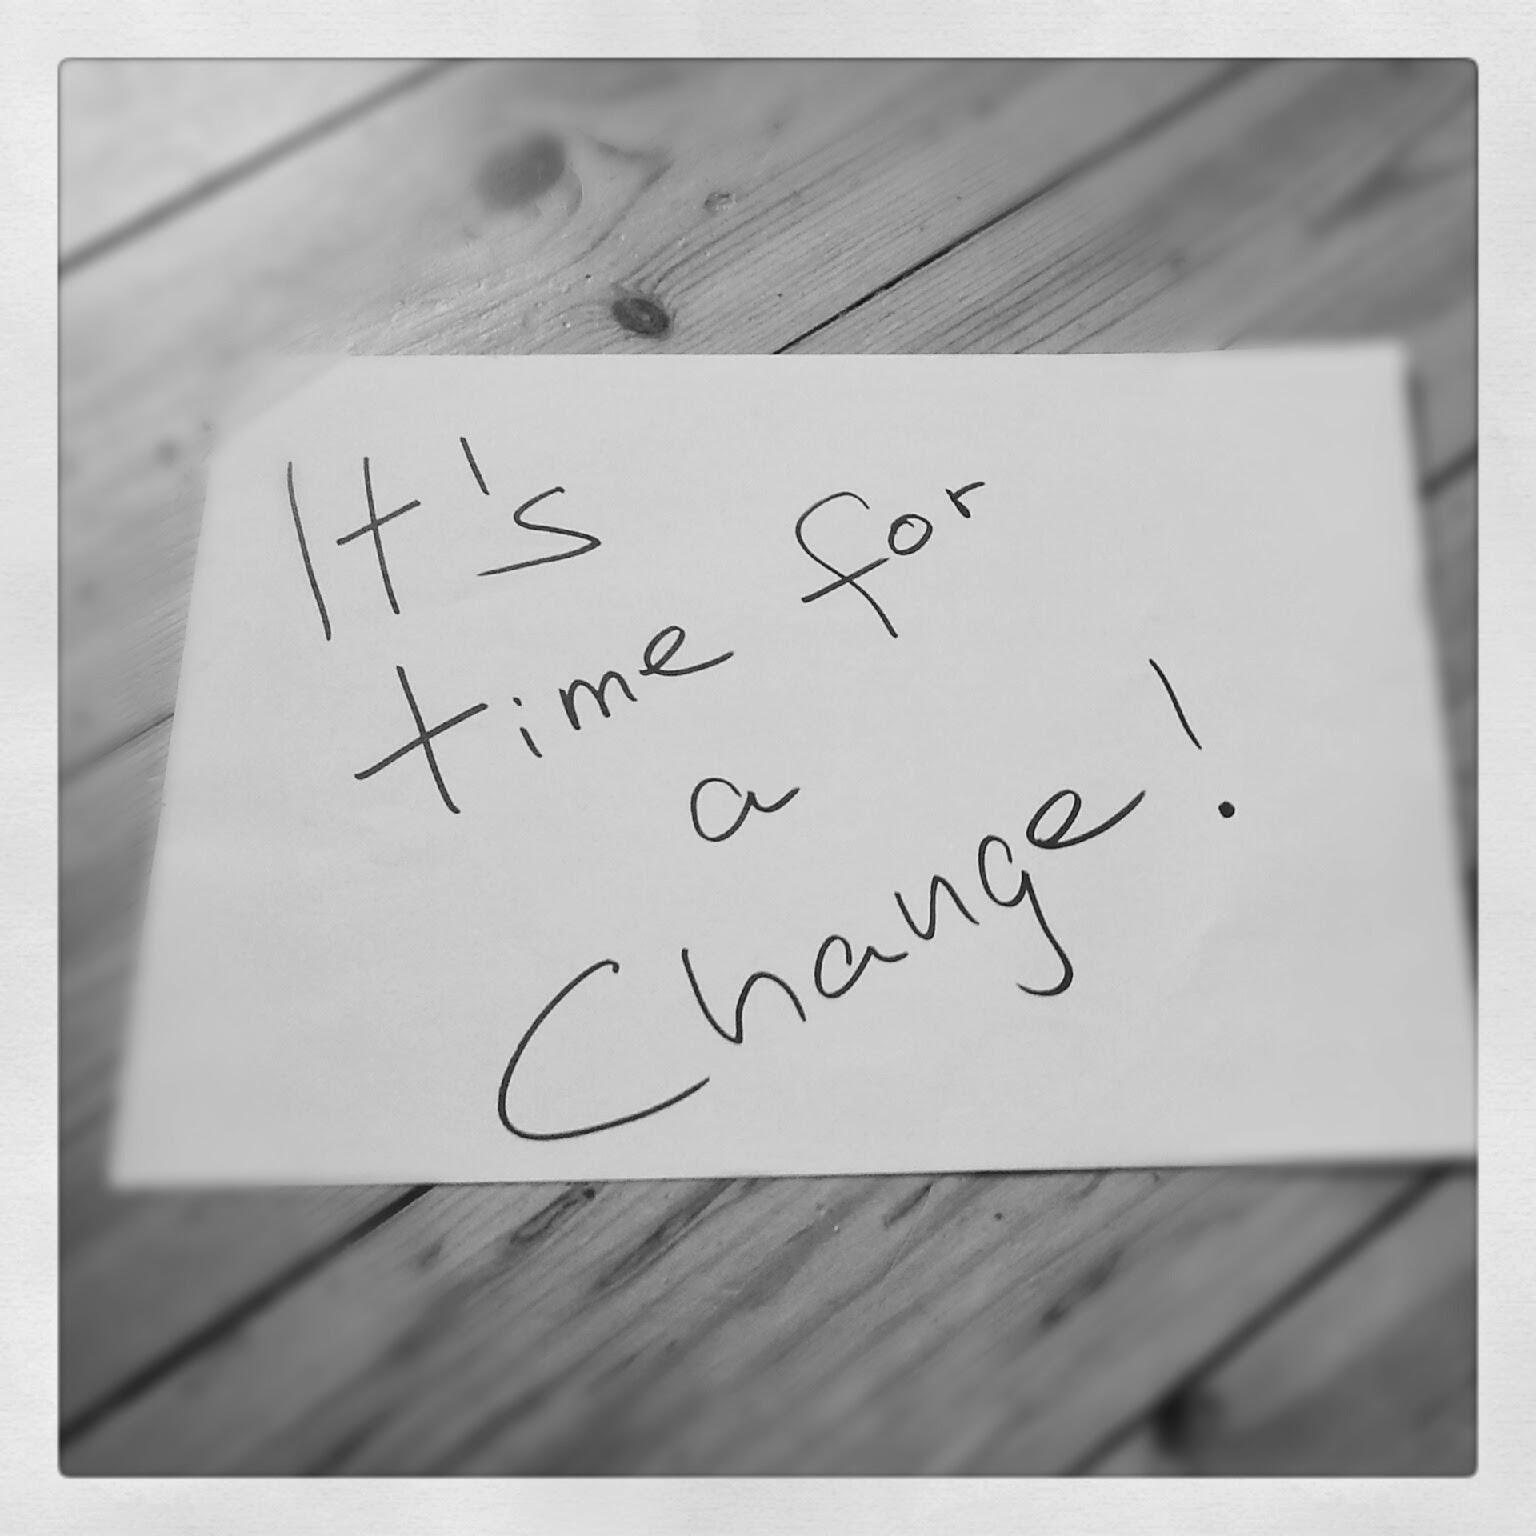 zeit für veränderung sprüche Über die Veränderung | Tagebuch zeit für veränderung sprüche